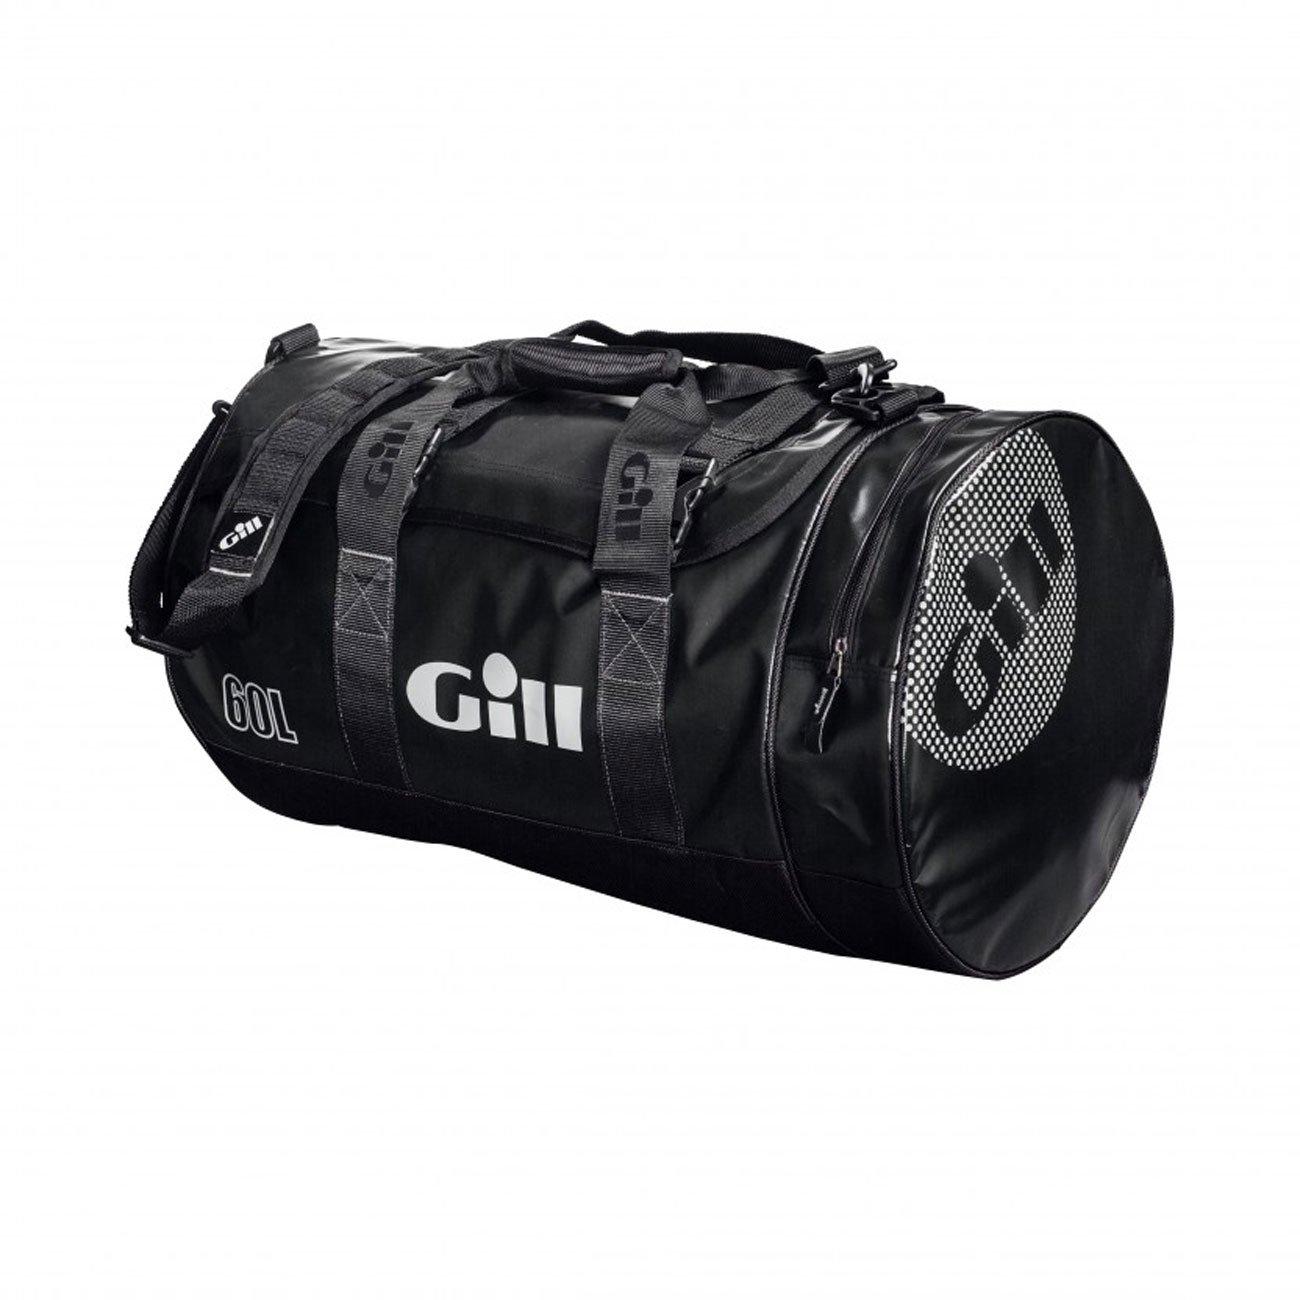 [ギル] タープバレル バッグ Tarp Barrel Bag ジェットブラック L061 ONESIZE   B019RFAAIU